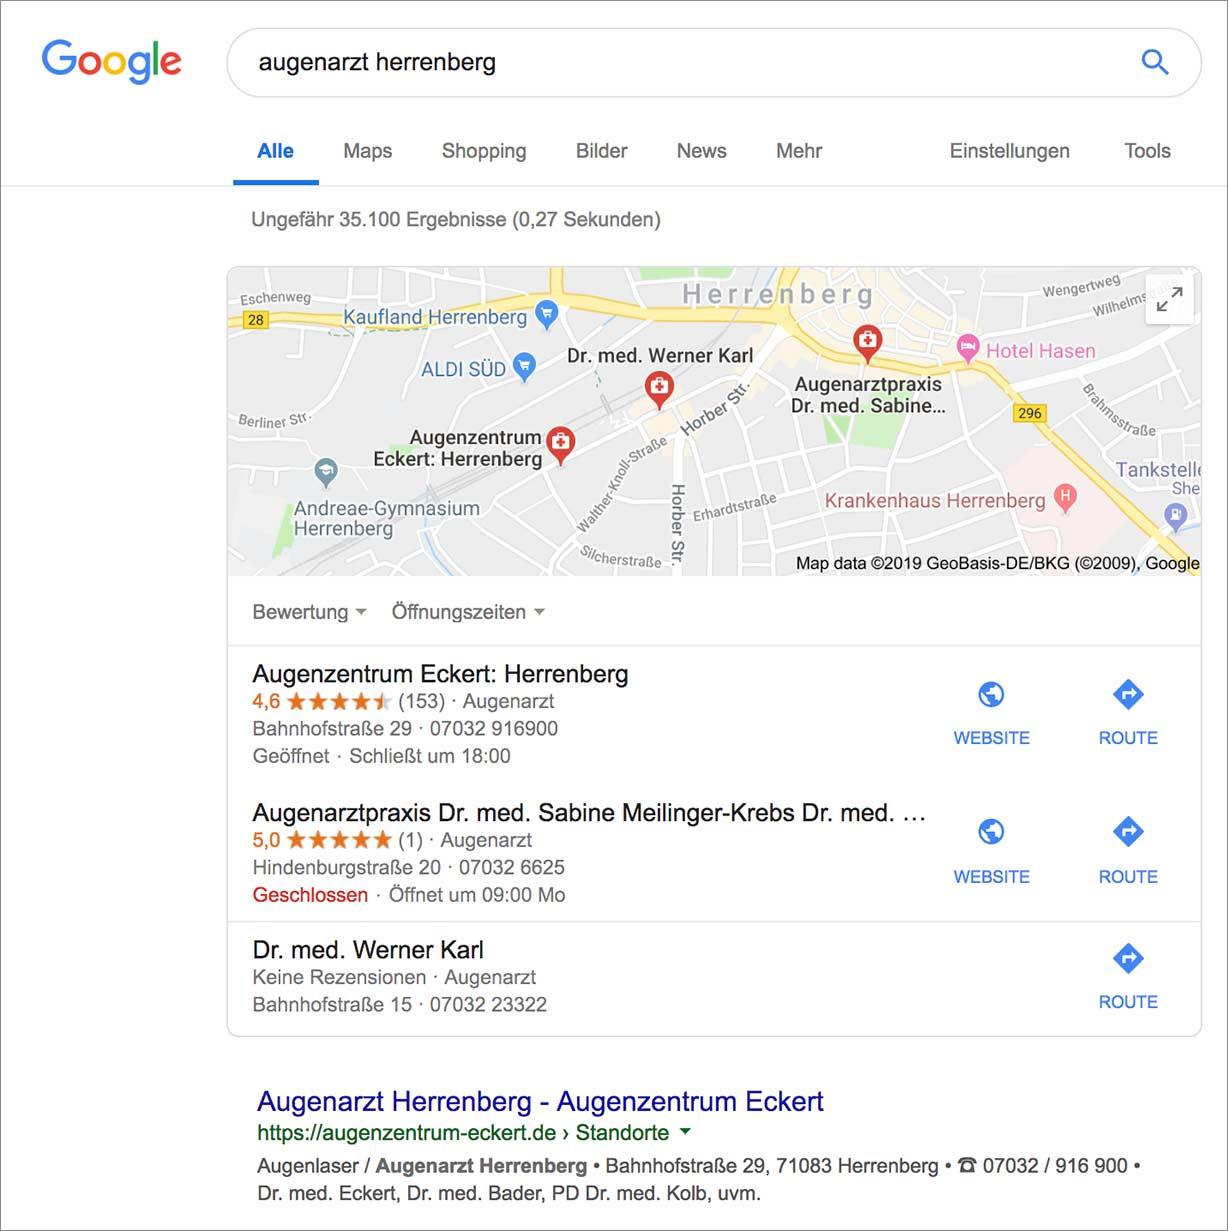 """Suchergebnistreffer bei Google bei der Suchanfrage """"augenarzt herrenberg"""""""